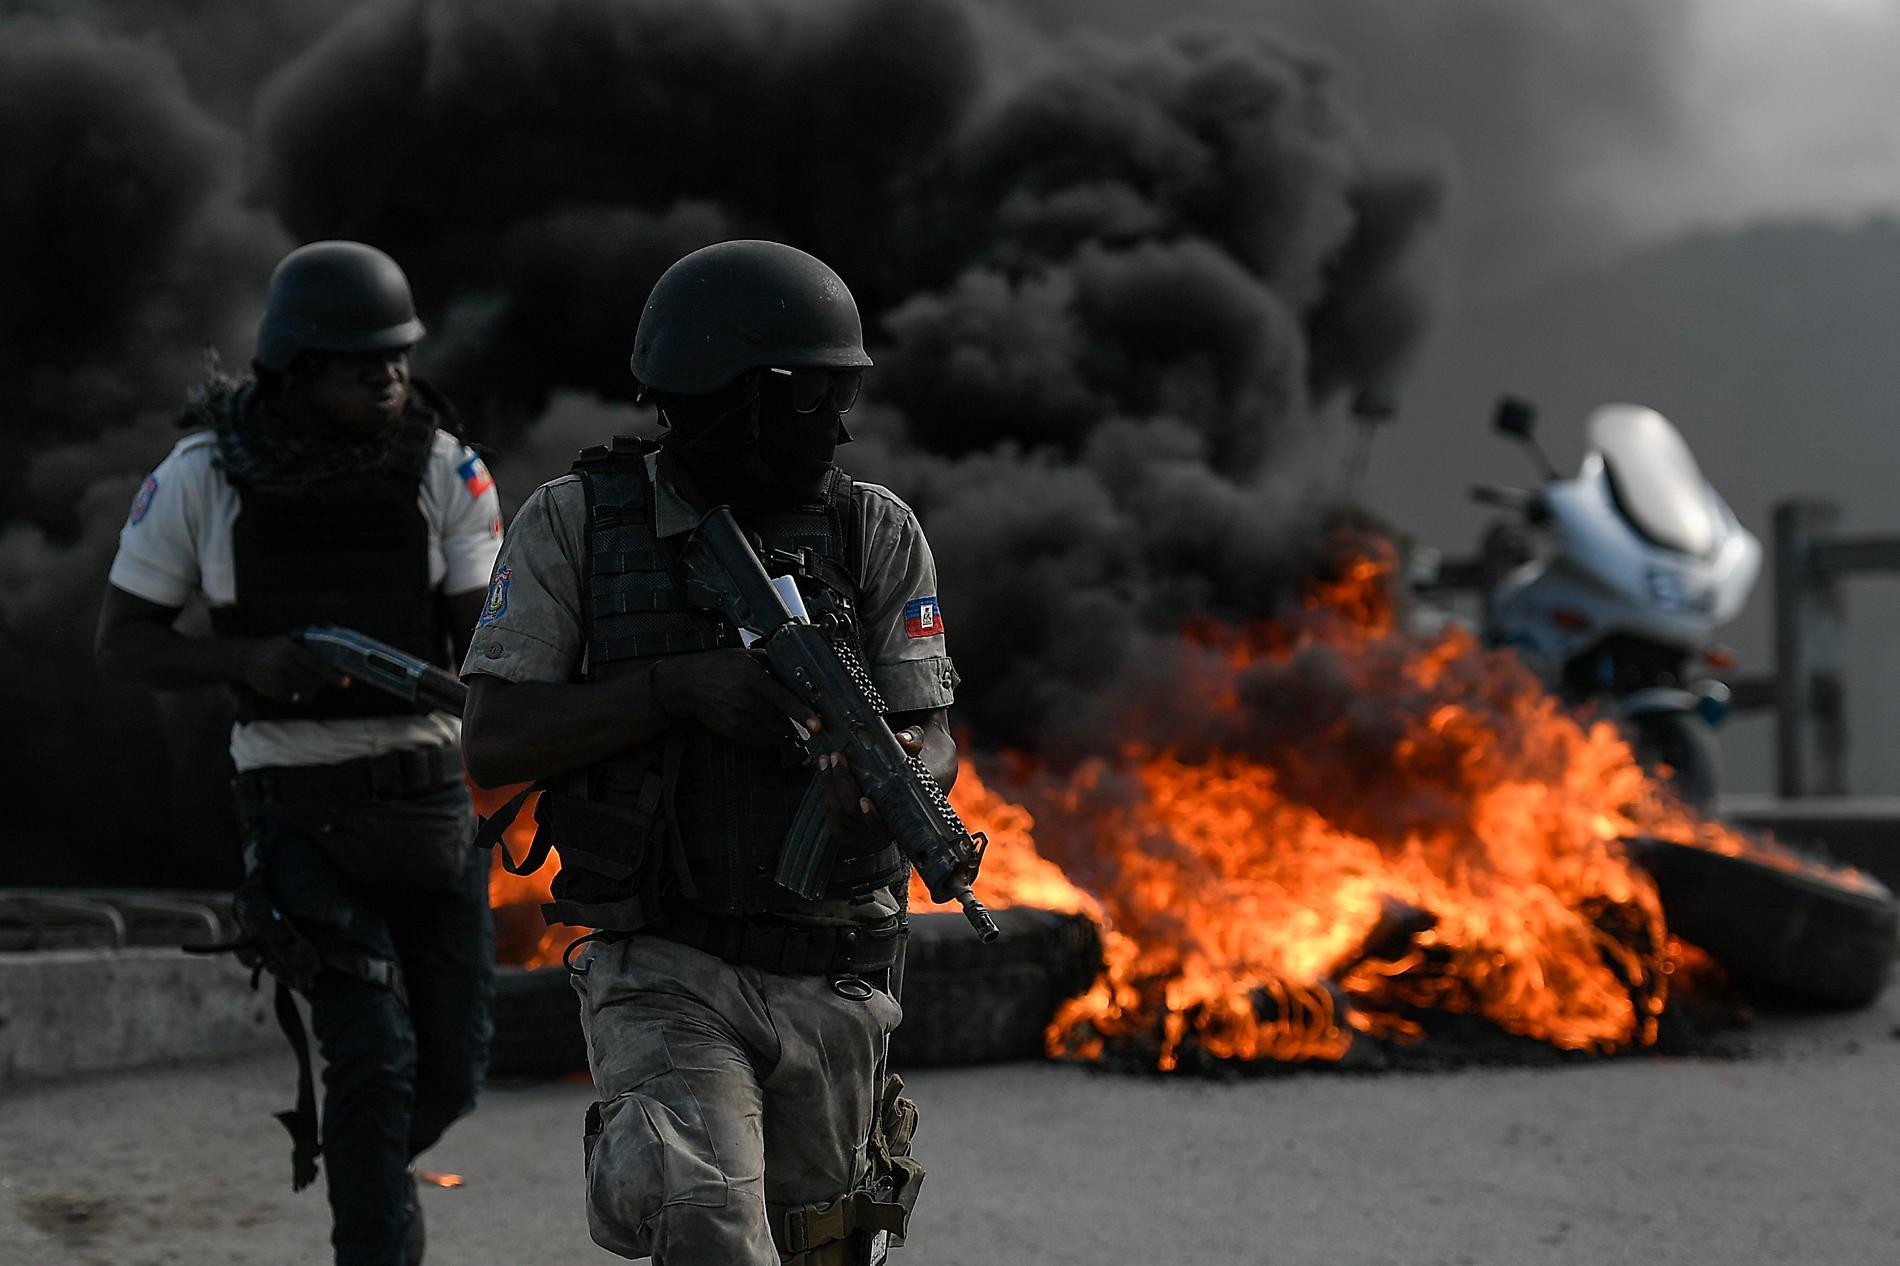 Haiti har länge befunnit sig i djup ekonomisk och politisk kris.